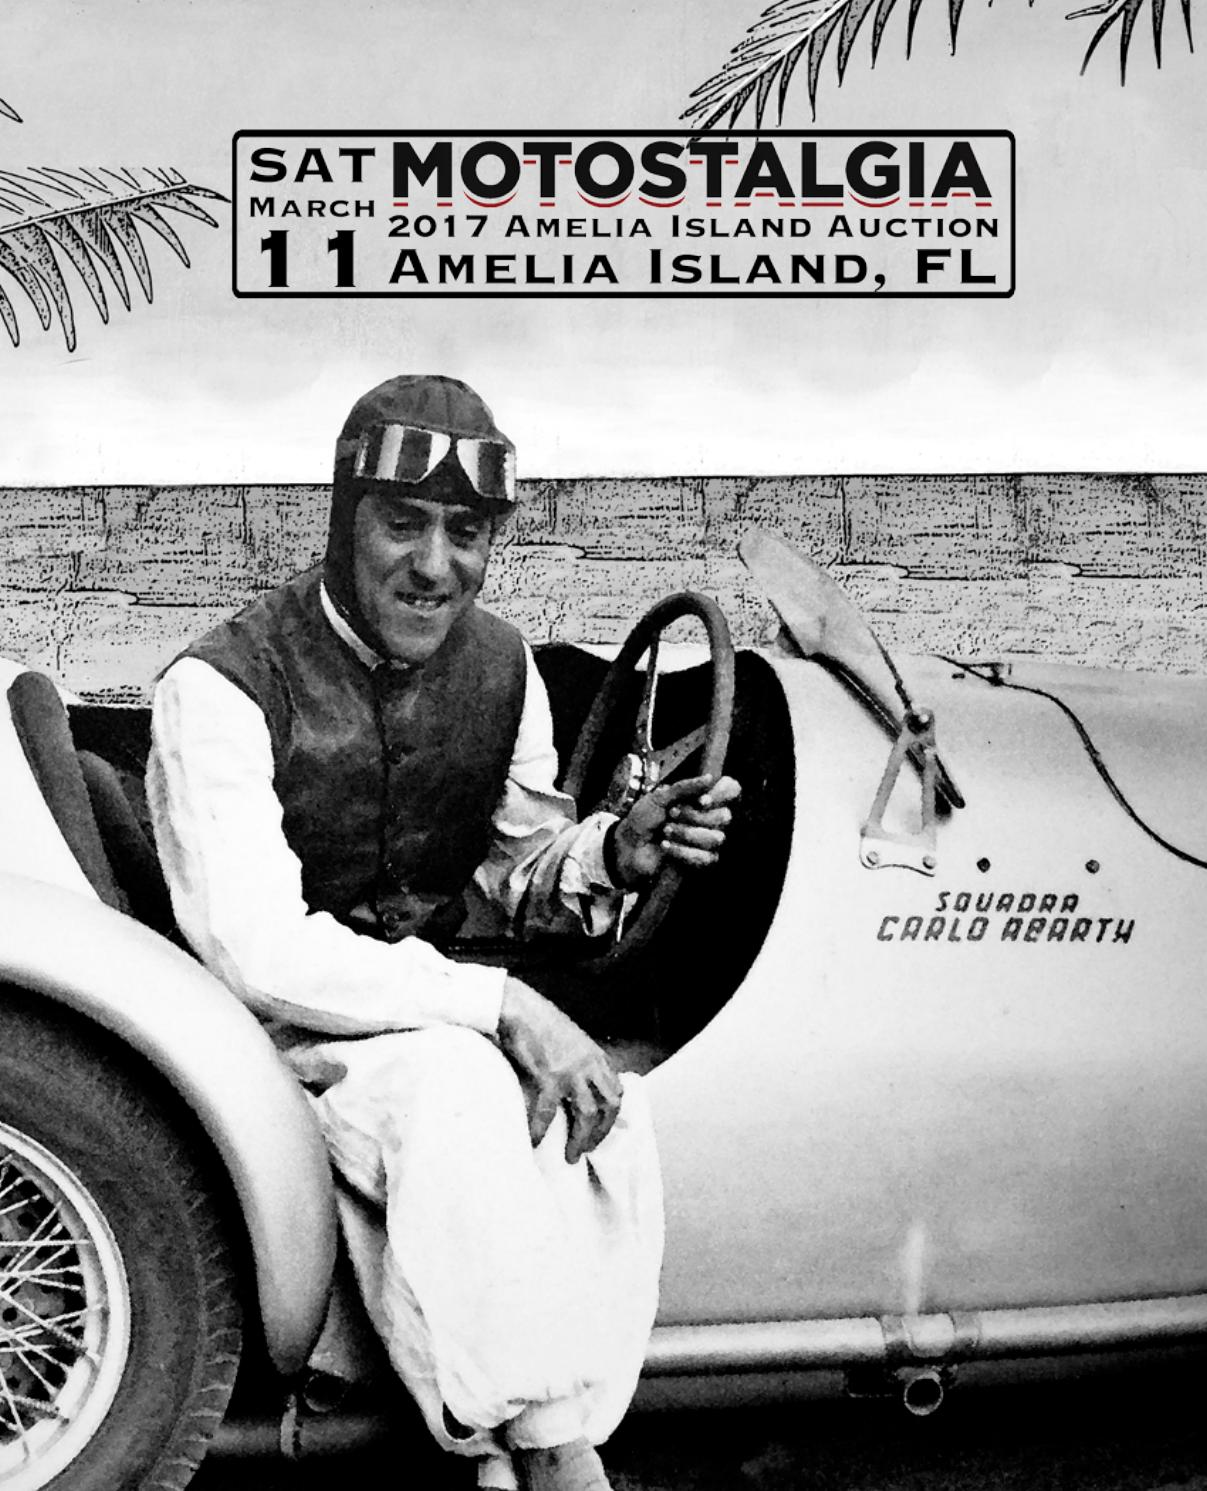 Motostalgia Catalog Amelia Island Auction 2017 By Issuu 1990 Oldsmobile 88 Royale Diagram Wiring Schematic